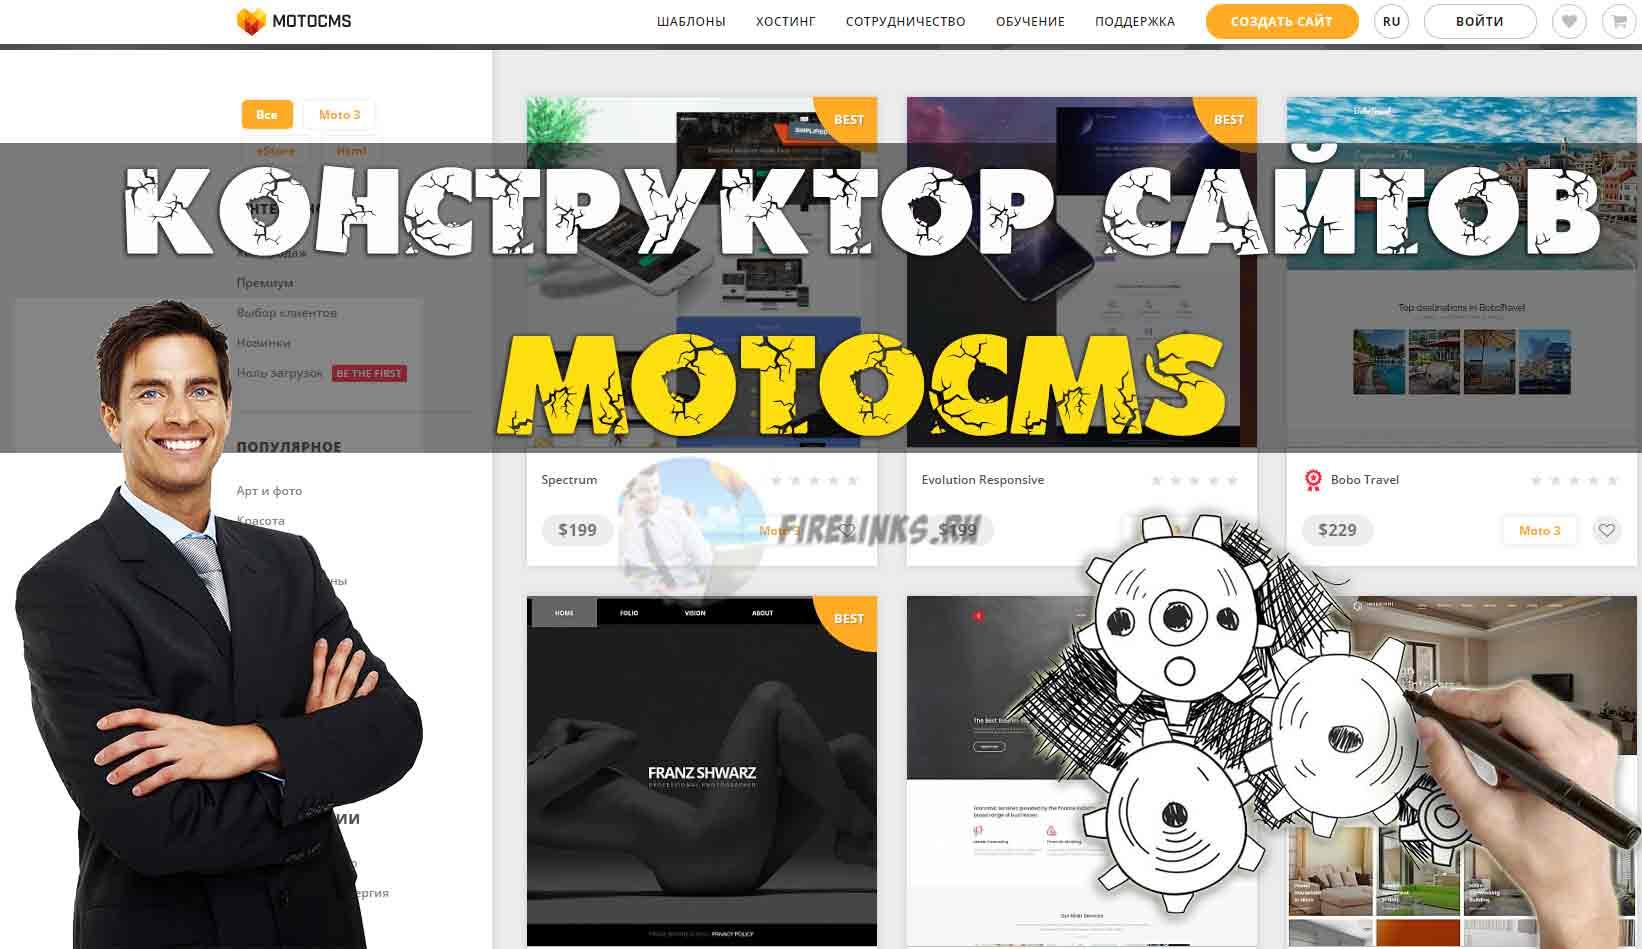 Создать сайт для малого бизнеса – обзор возможностей конструктора сайтов MotoCMS